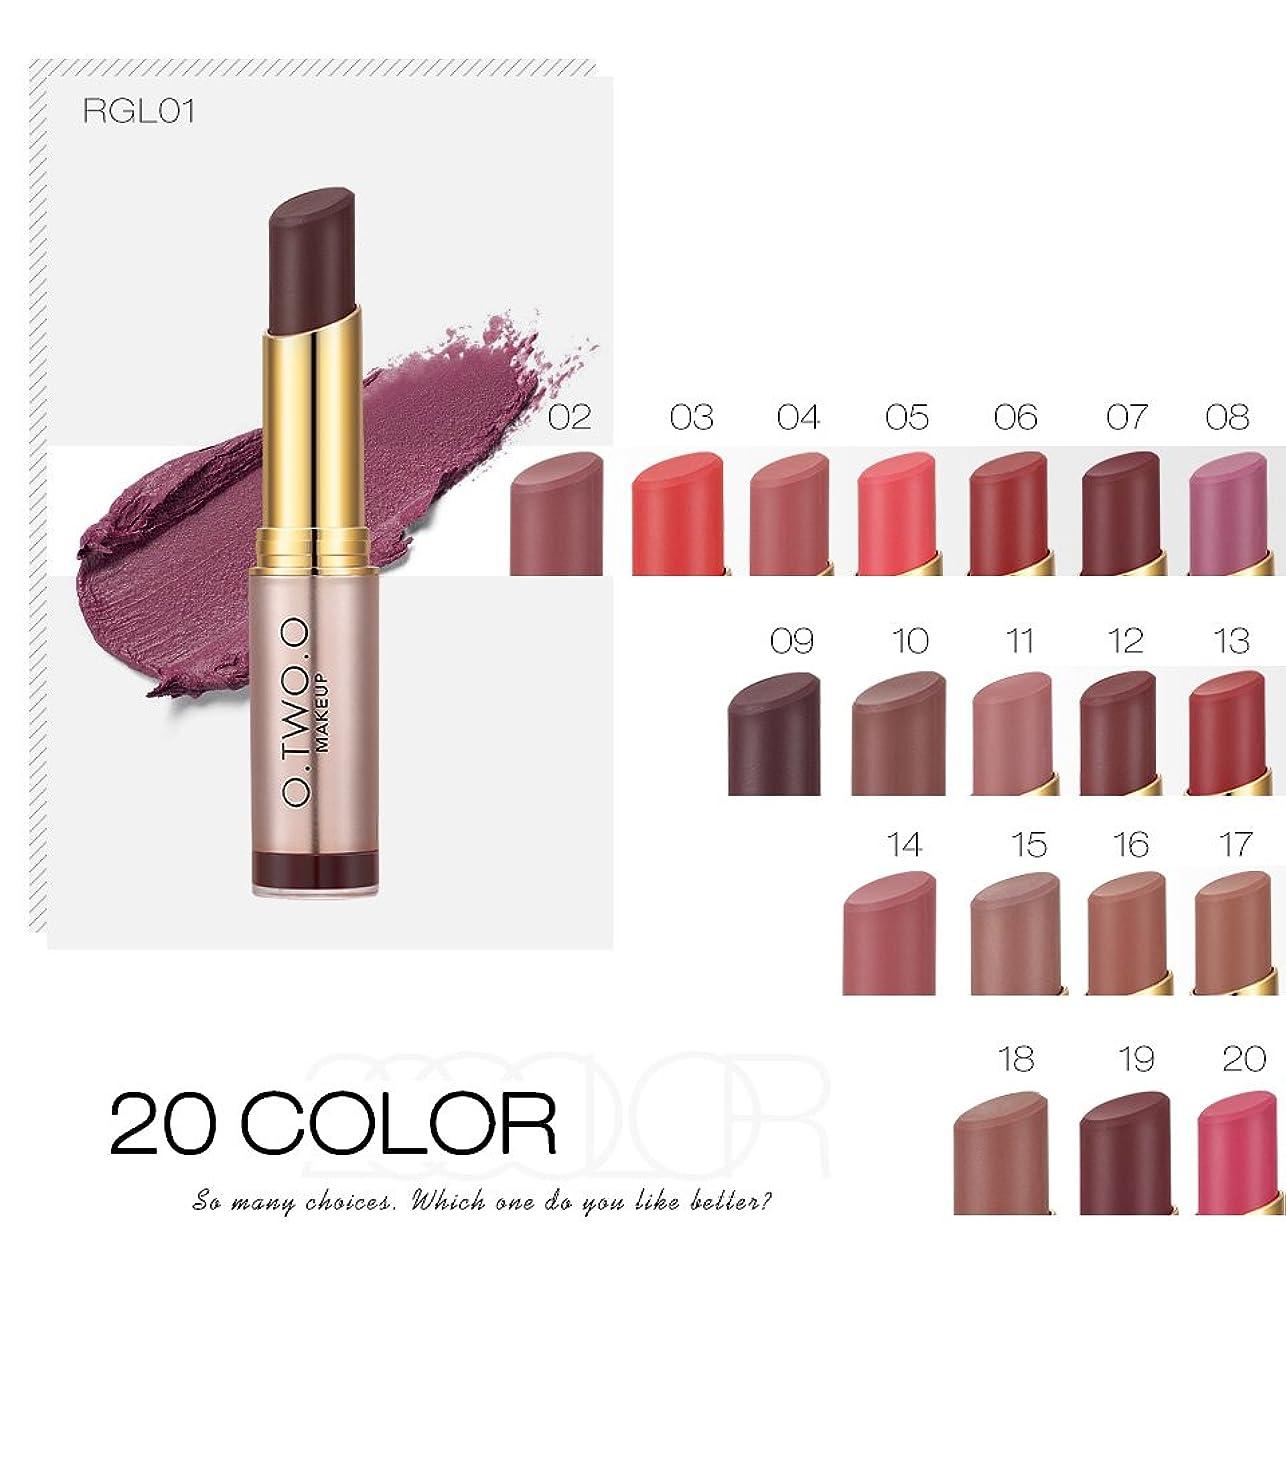 オーストラリアアミューズ同時(RGL14) Brand Wholesale Beauty Makeup Lipstick Popular Colors Best Seller Long Lasting Lip Kit Matte Lip Cosmetics